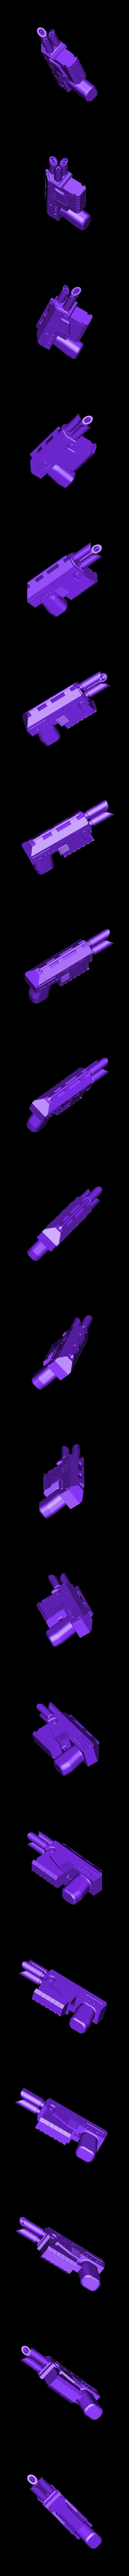 lasgun.stl Download free STL file Warhammer laspistol • 3D printer template, Lance_Greene